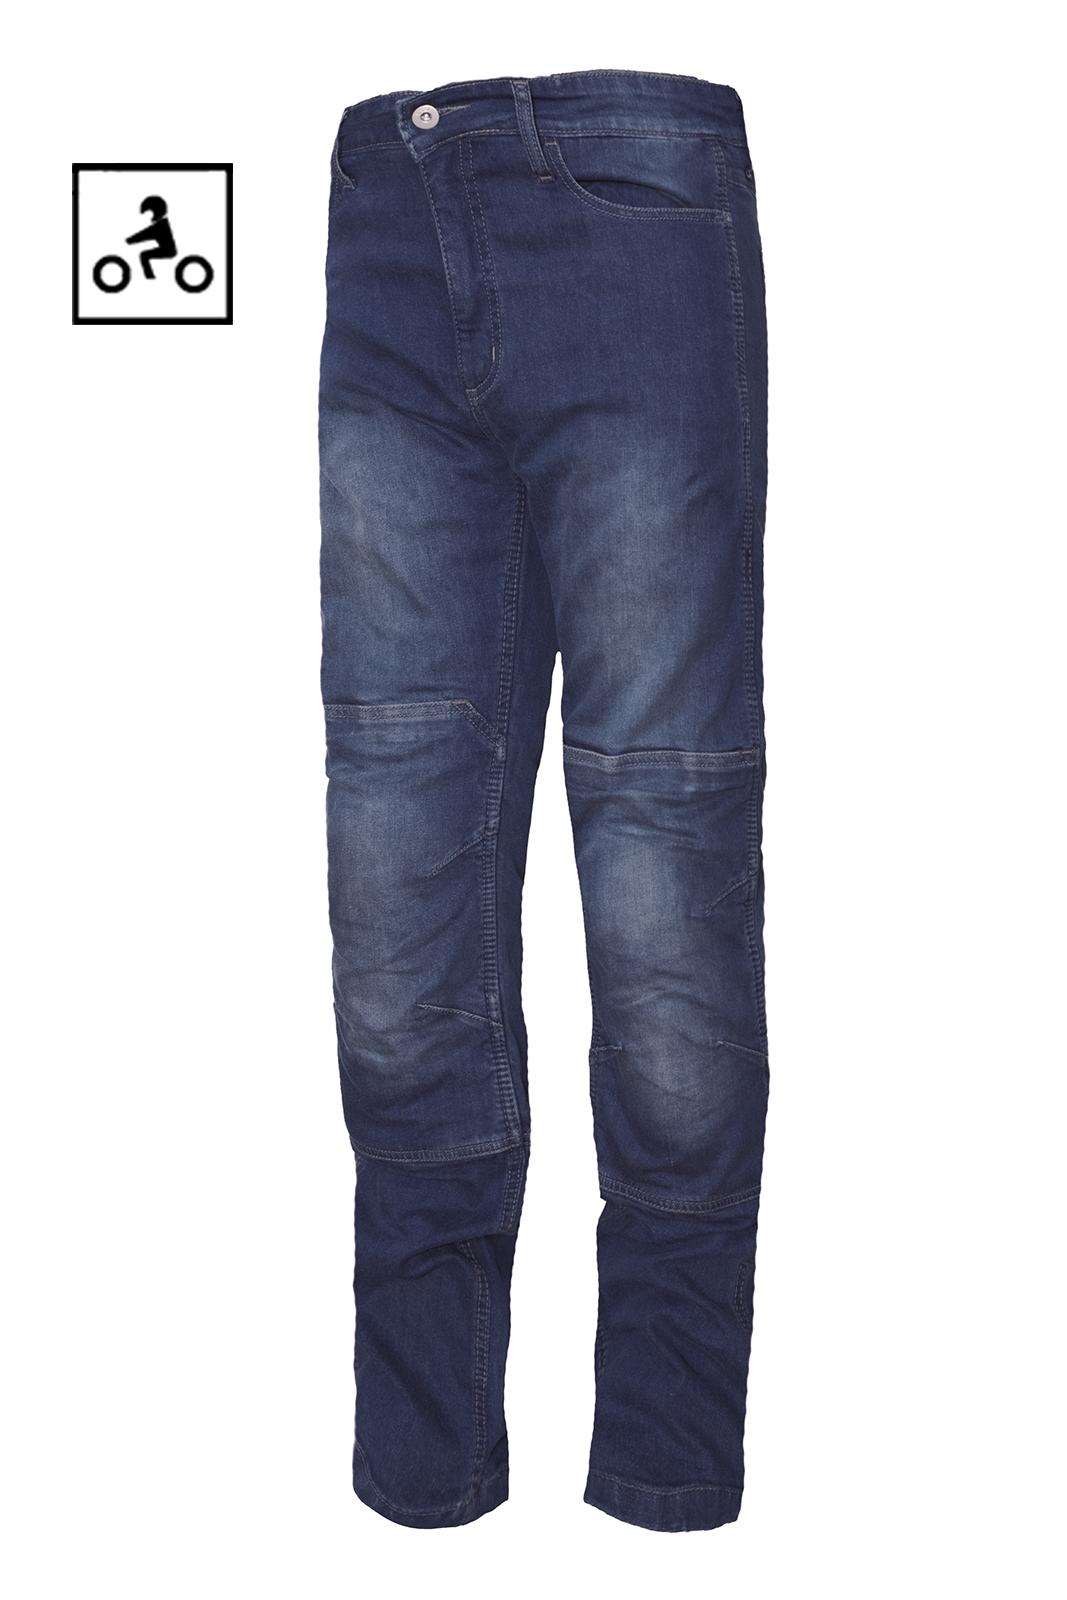 Pantalón OJ Friction